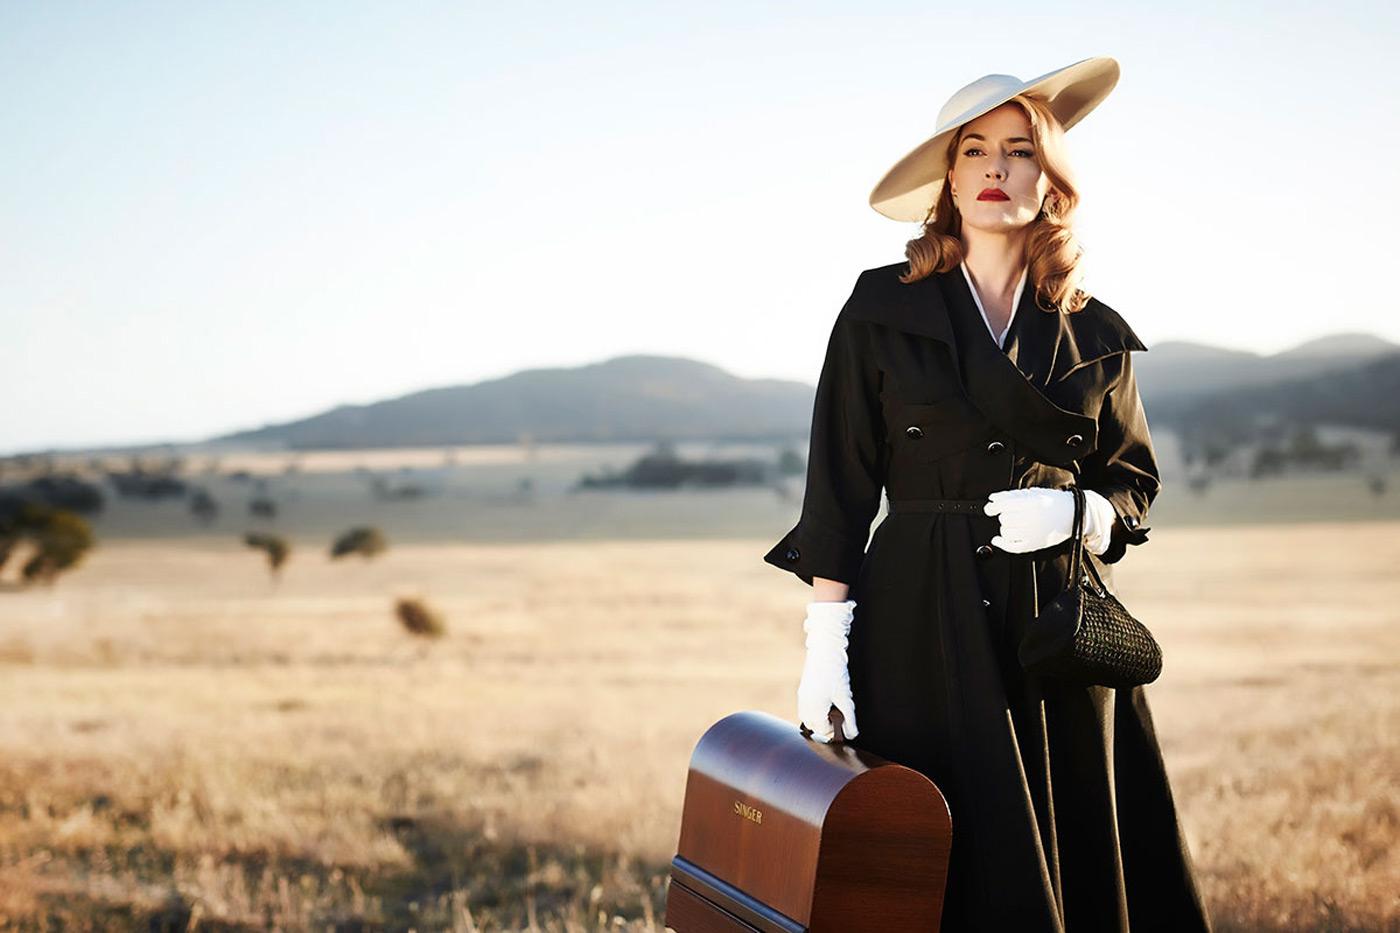 The Dressmaker Kate Winslet